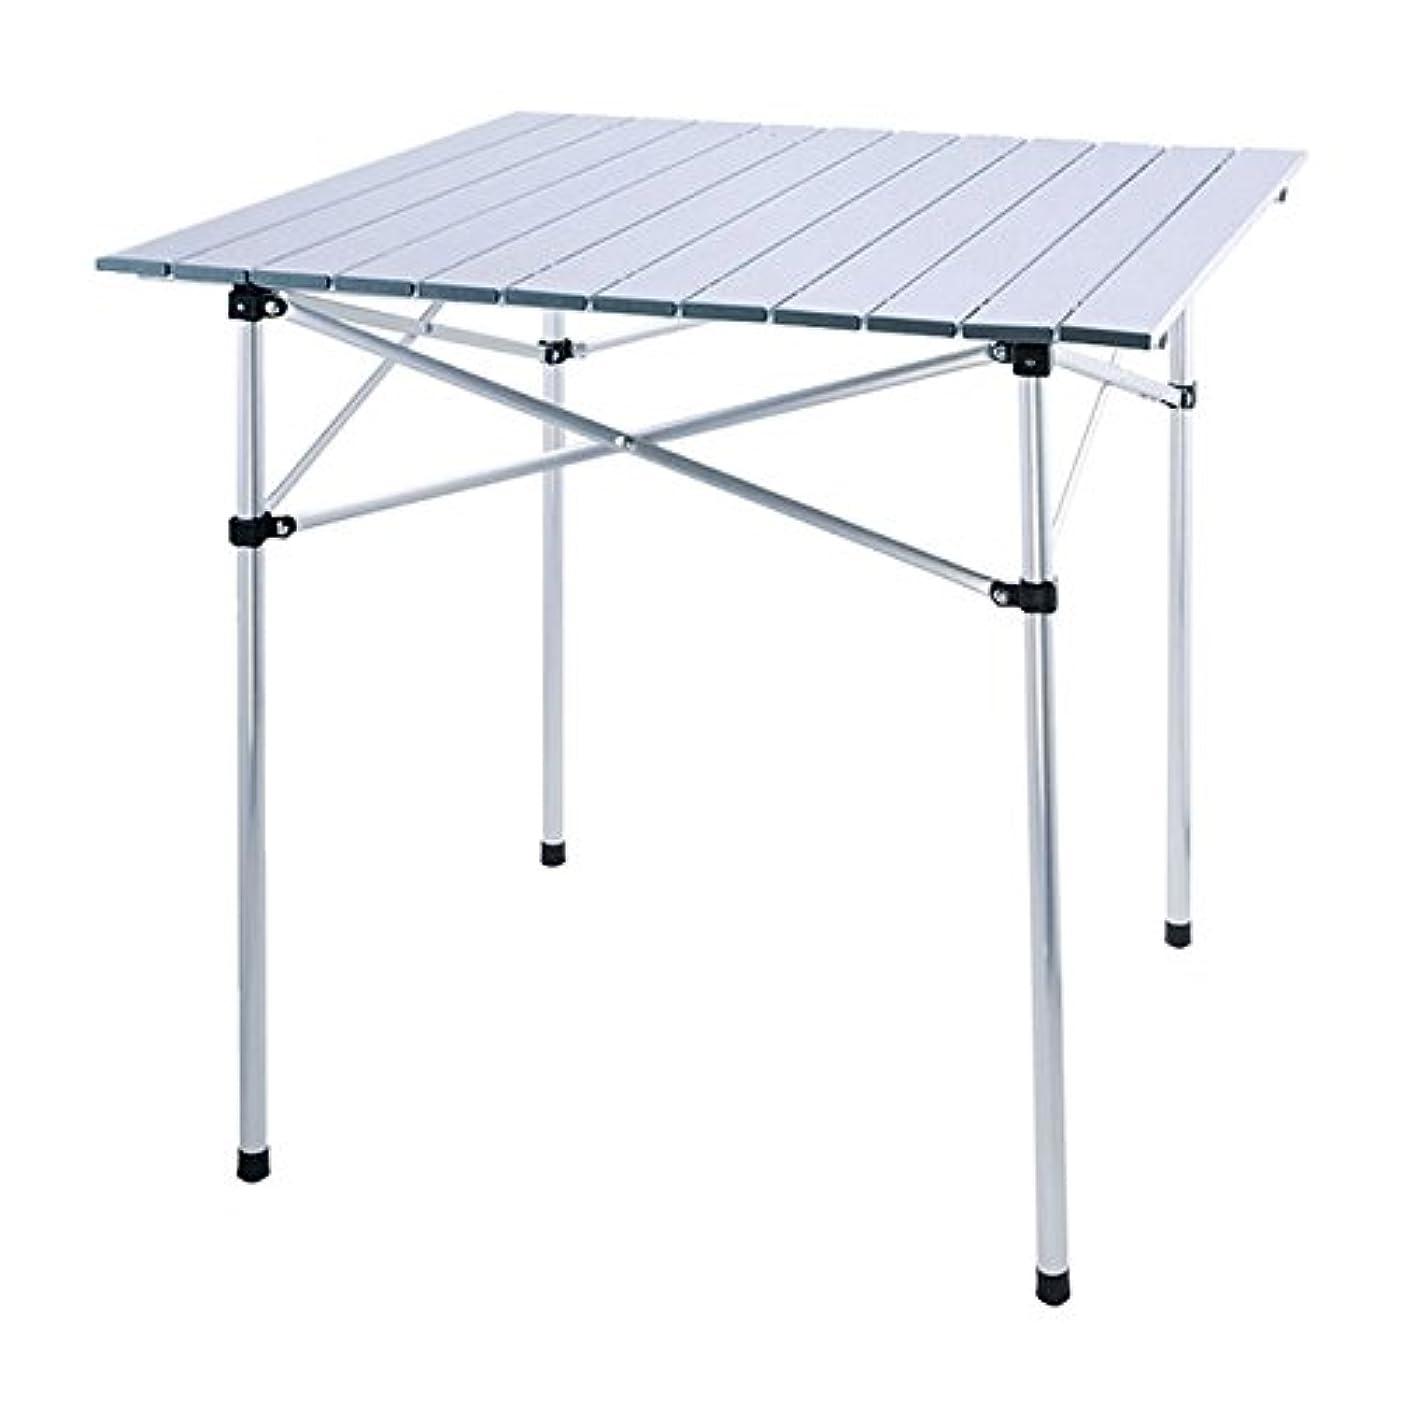 顎孤独セーターロールテーブル 折り畳み式 アルミ製 70cmx70cmx70cm 2.78kg ロール式天板 収納袋付き [並行輸入品]